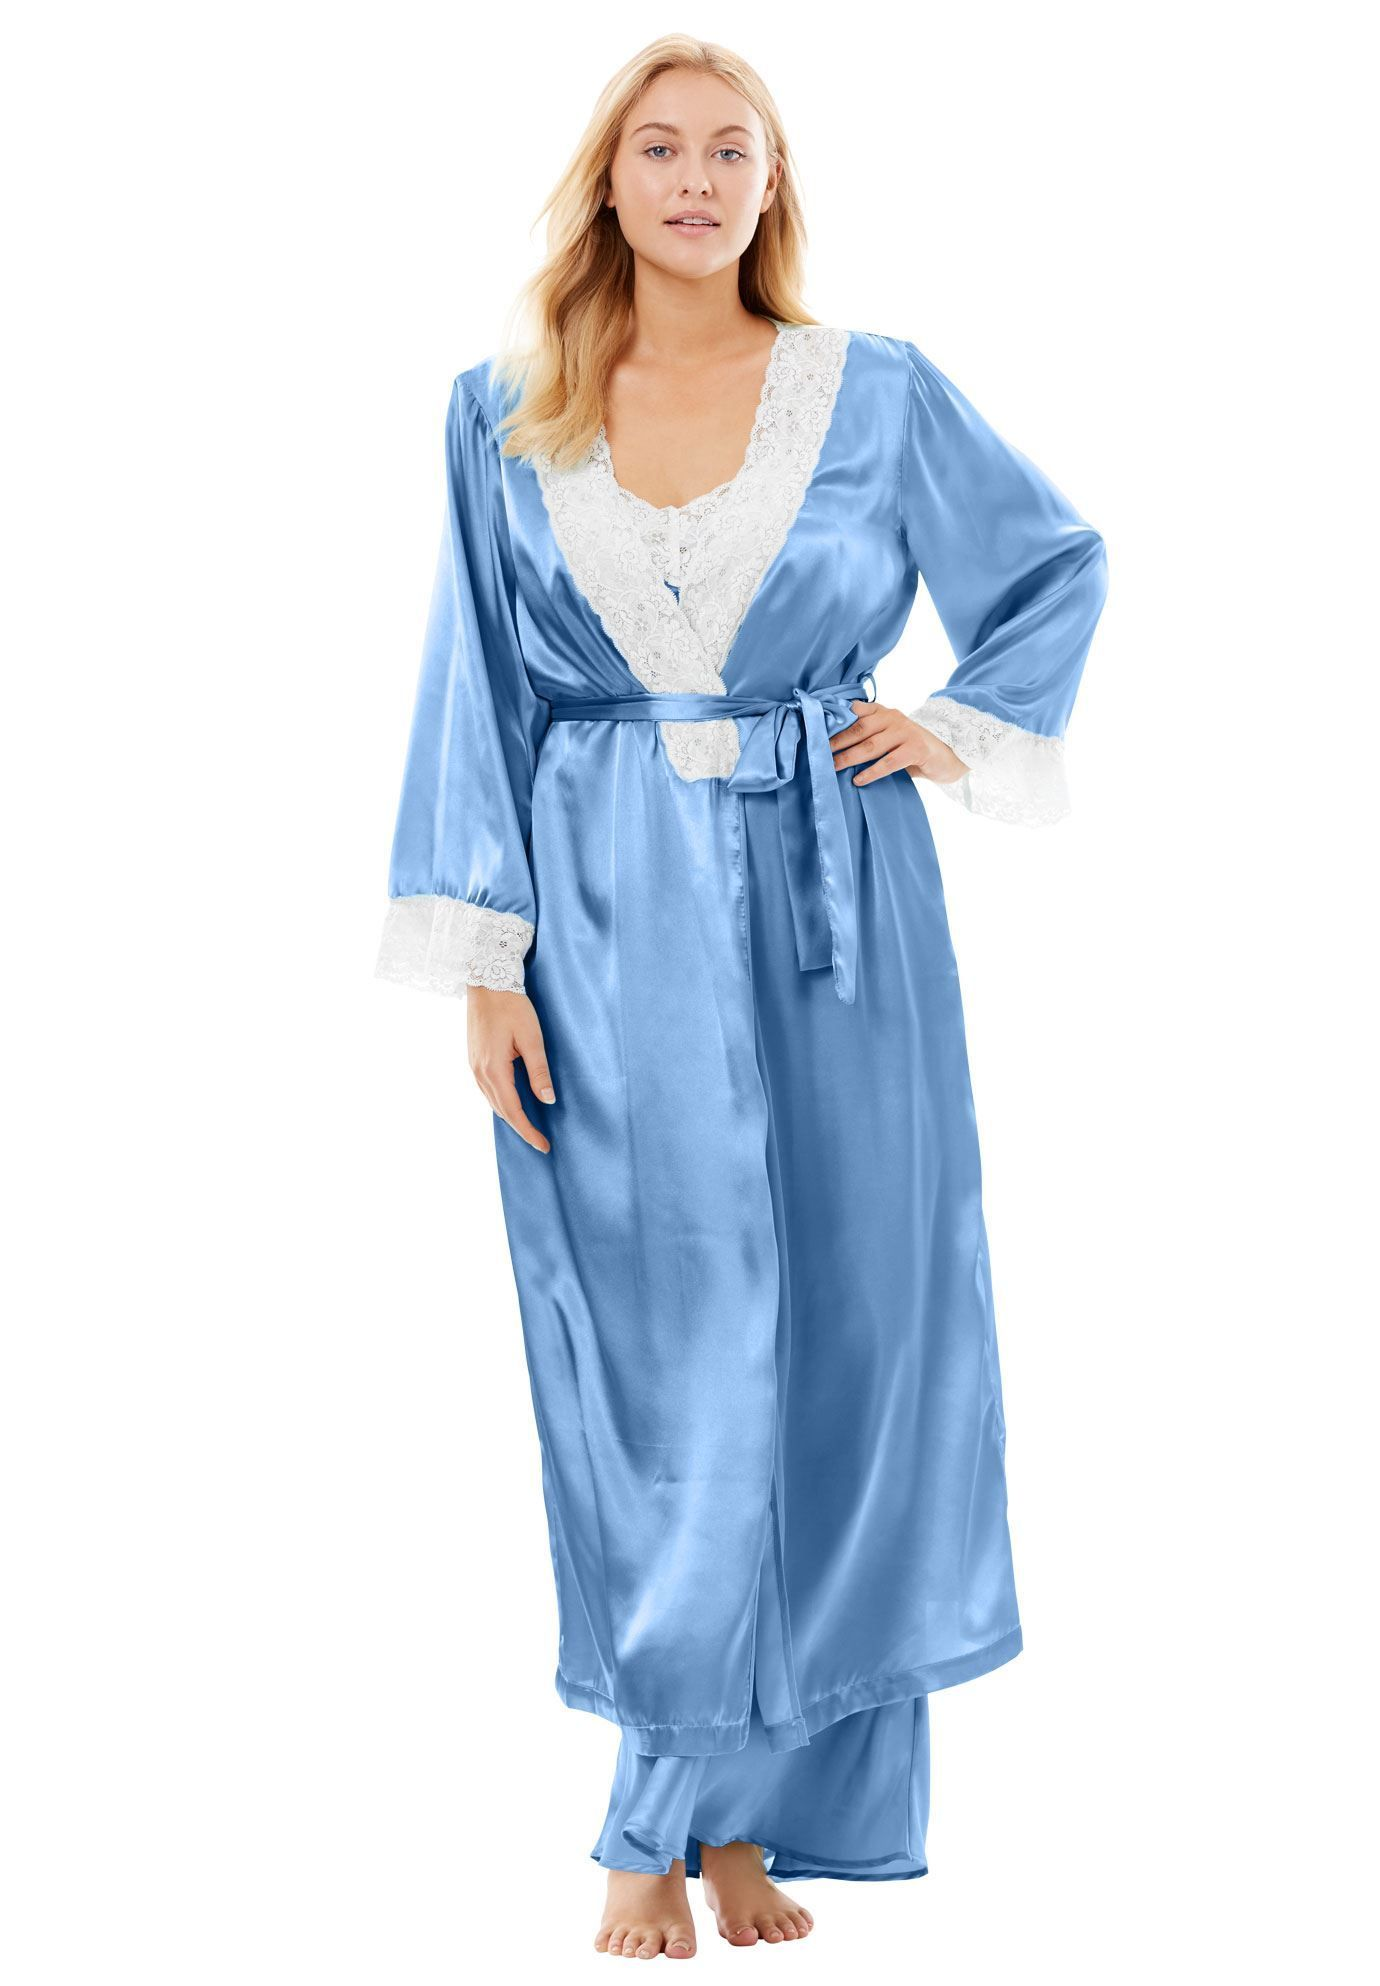 20793997eac87 Long Satin Peignoir Set by Amoureuse - Women s Plus Size Clothing ...